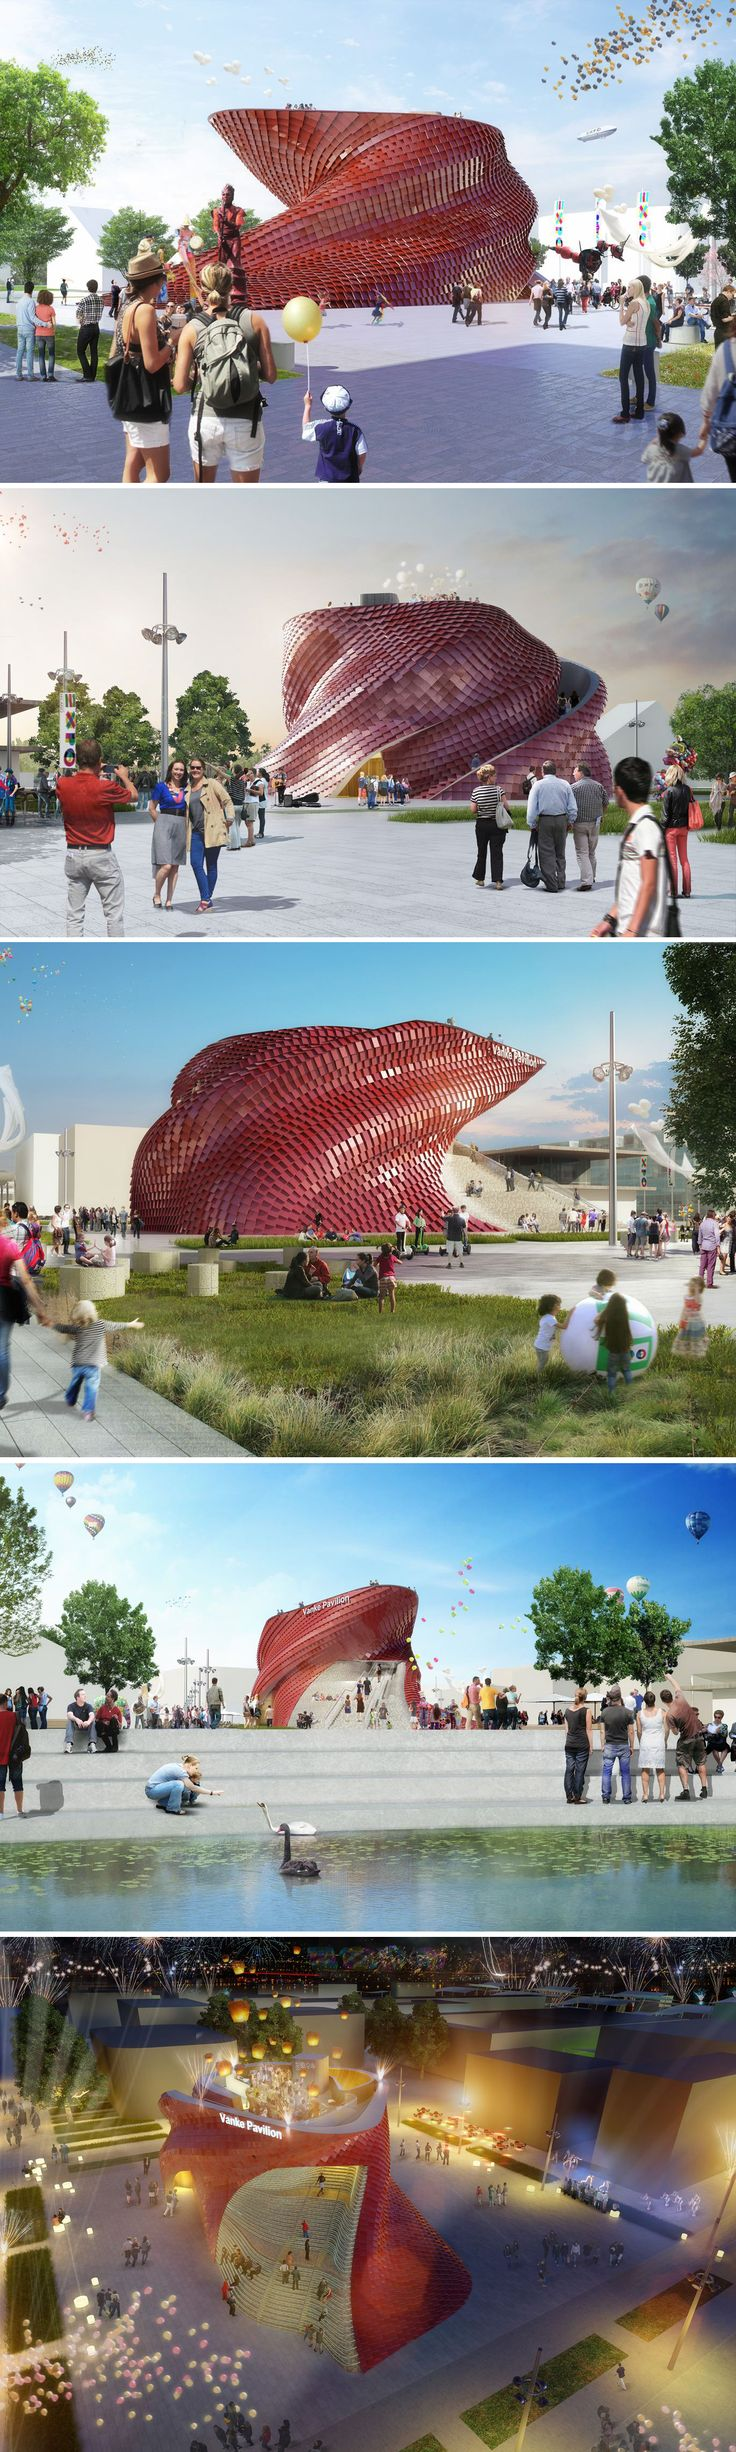 Vanke Pavilion at @Expo2015Milano  #Milano Milan, 2015 - Studio Daniel #Libeskind #expo2015 #pavilions